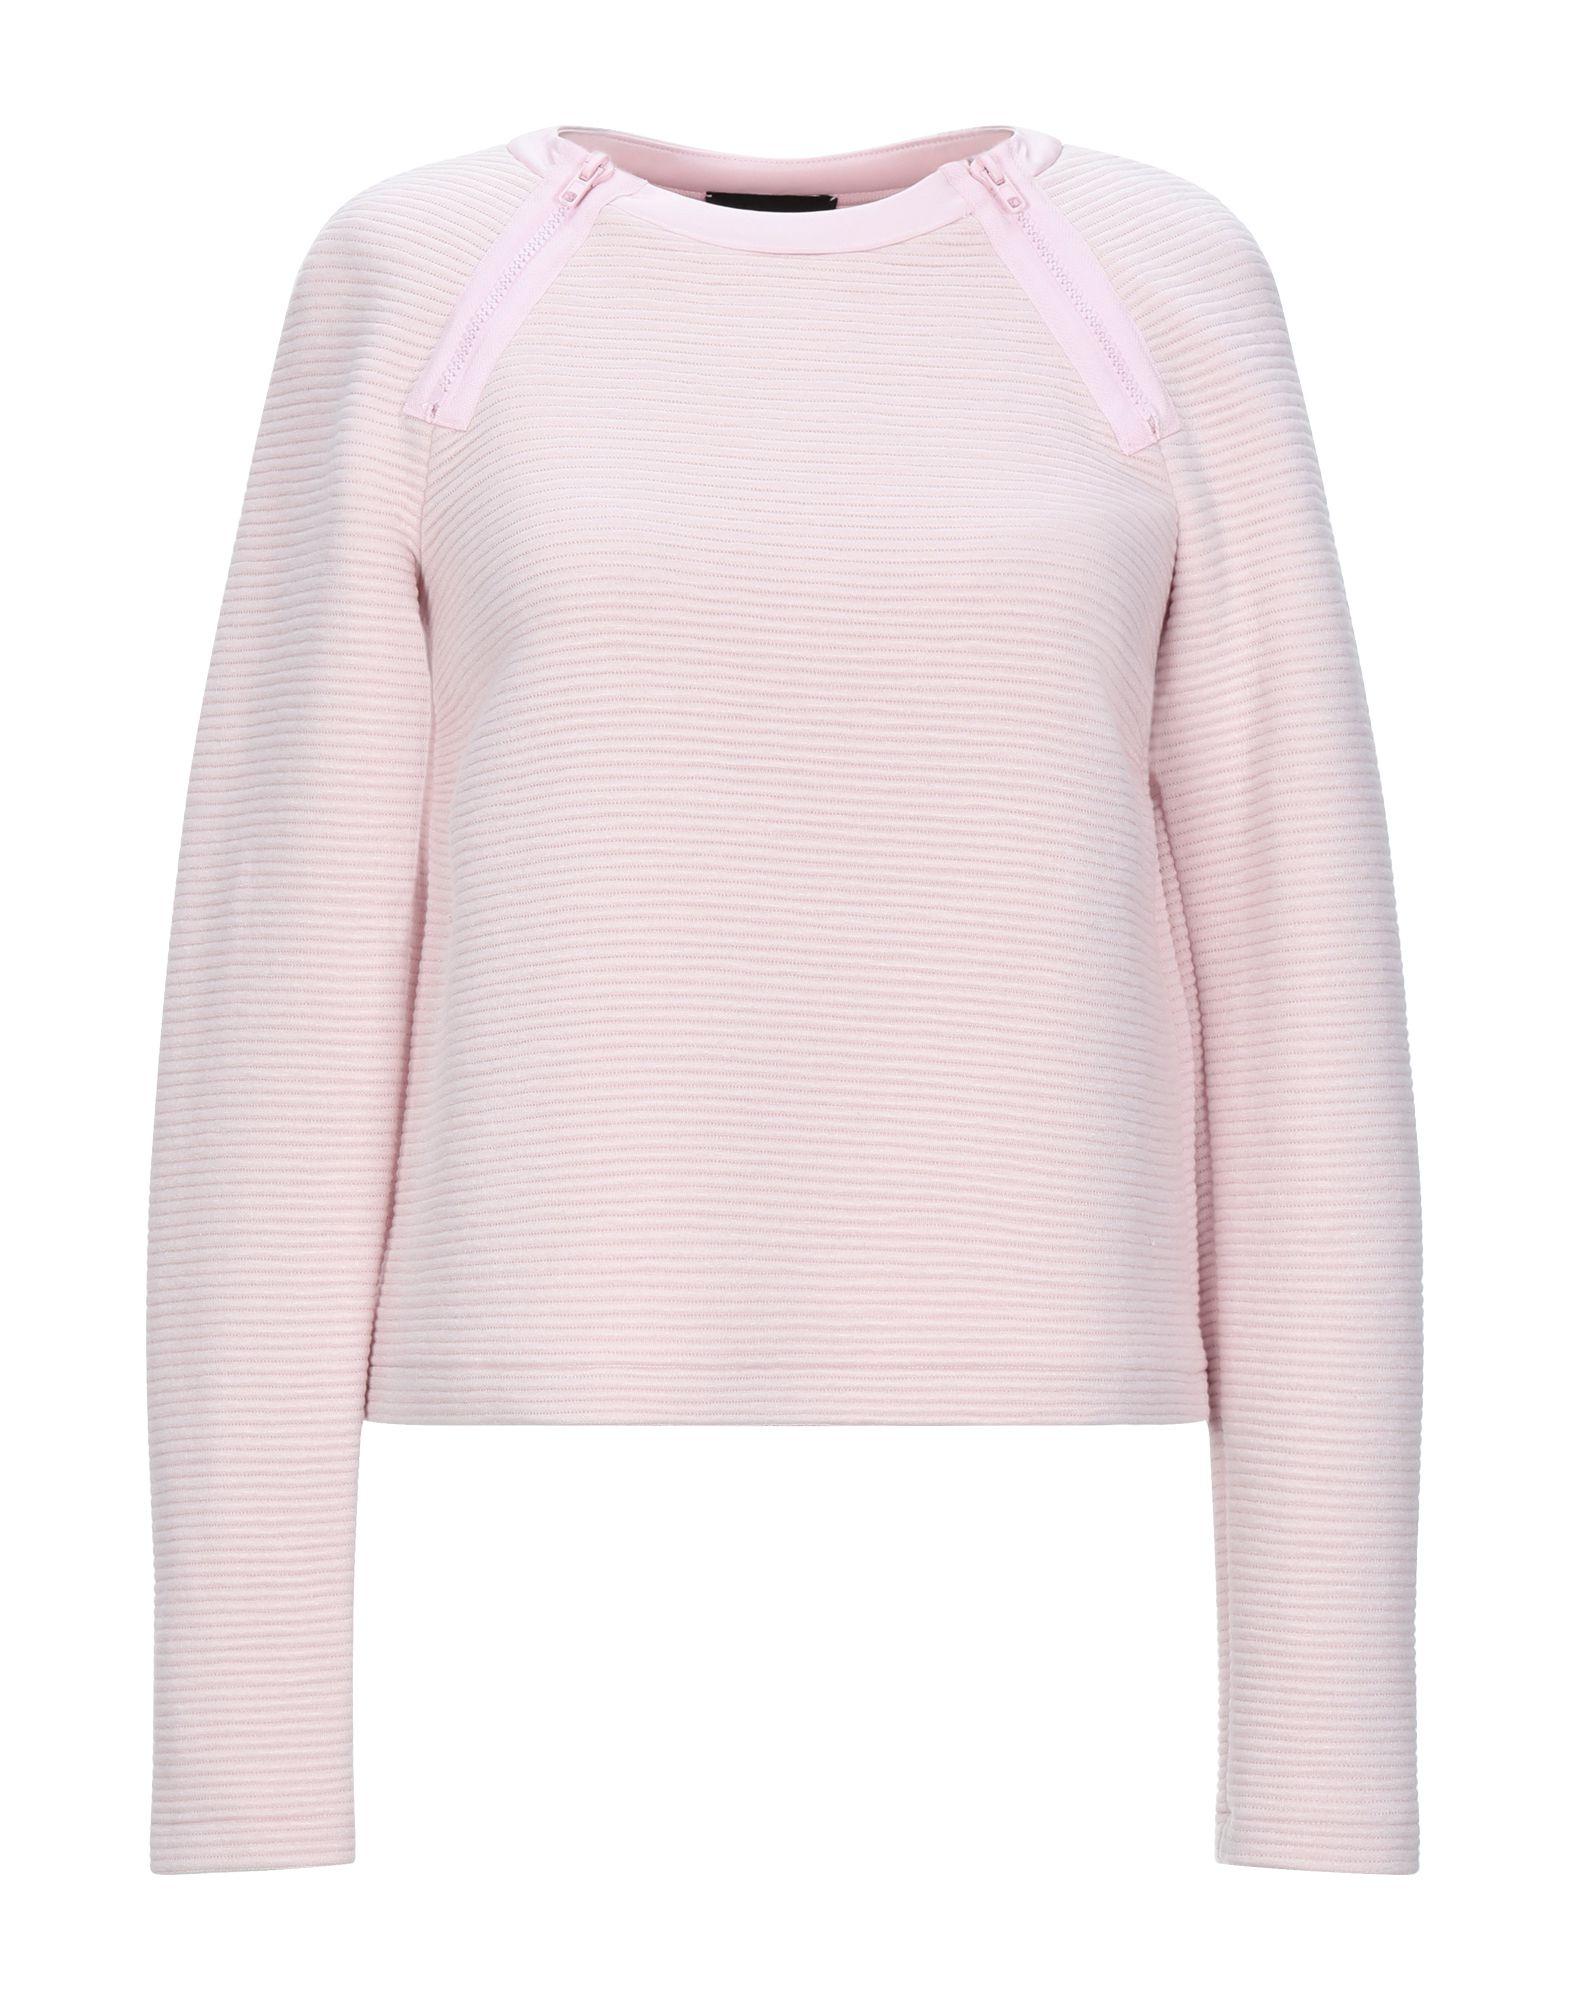 《セール開催中》EMPORIO ARMANI レディース T シャツ ピンク 40 レーヨン 50% / ナイロン 45% / ポリウレタン 5% / ポリウレタンコート / ポリエステル